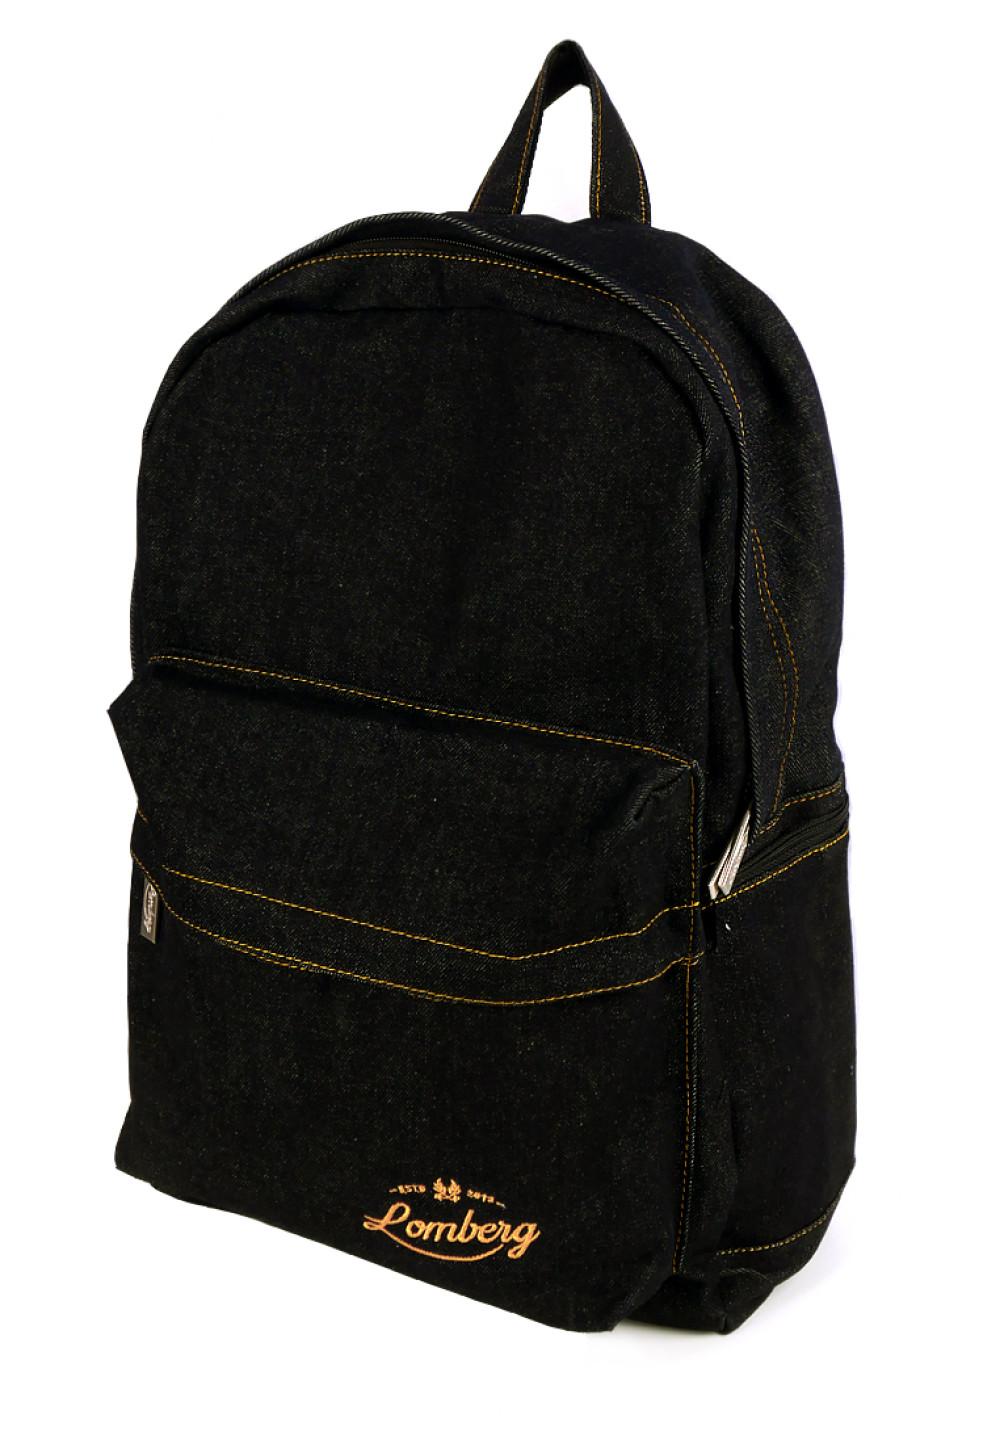 Forind Shop Line Headway Grow Brown Sepatu Semi Boots Classic Blaxx X Lomberg Tas Ransel Punggung Pria Dan Wanita Backpack Denim